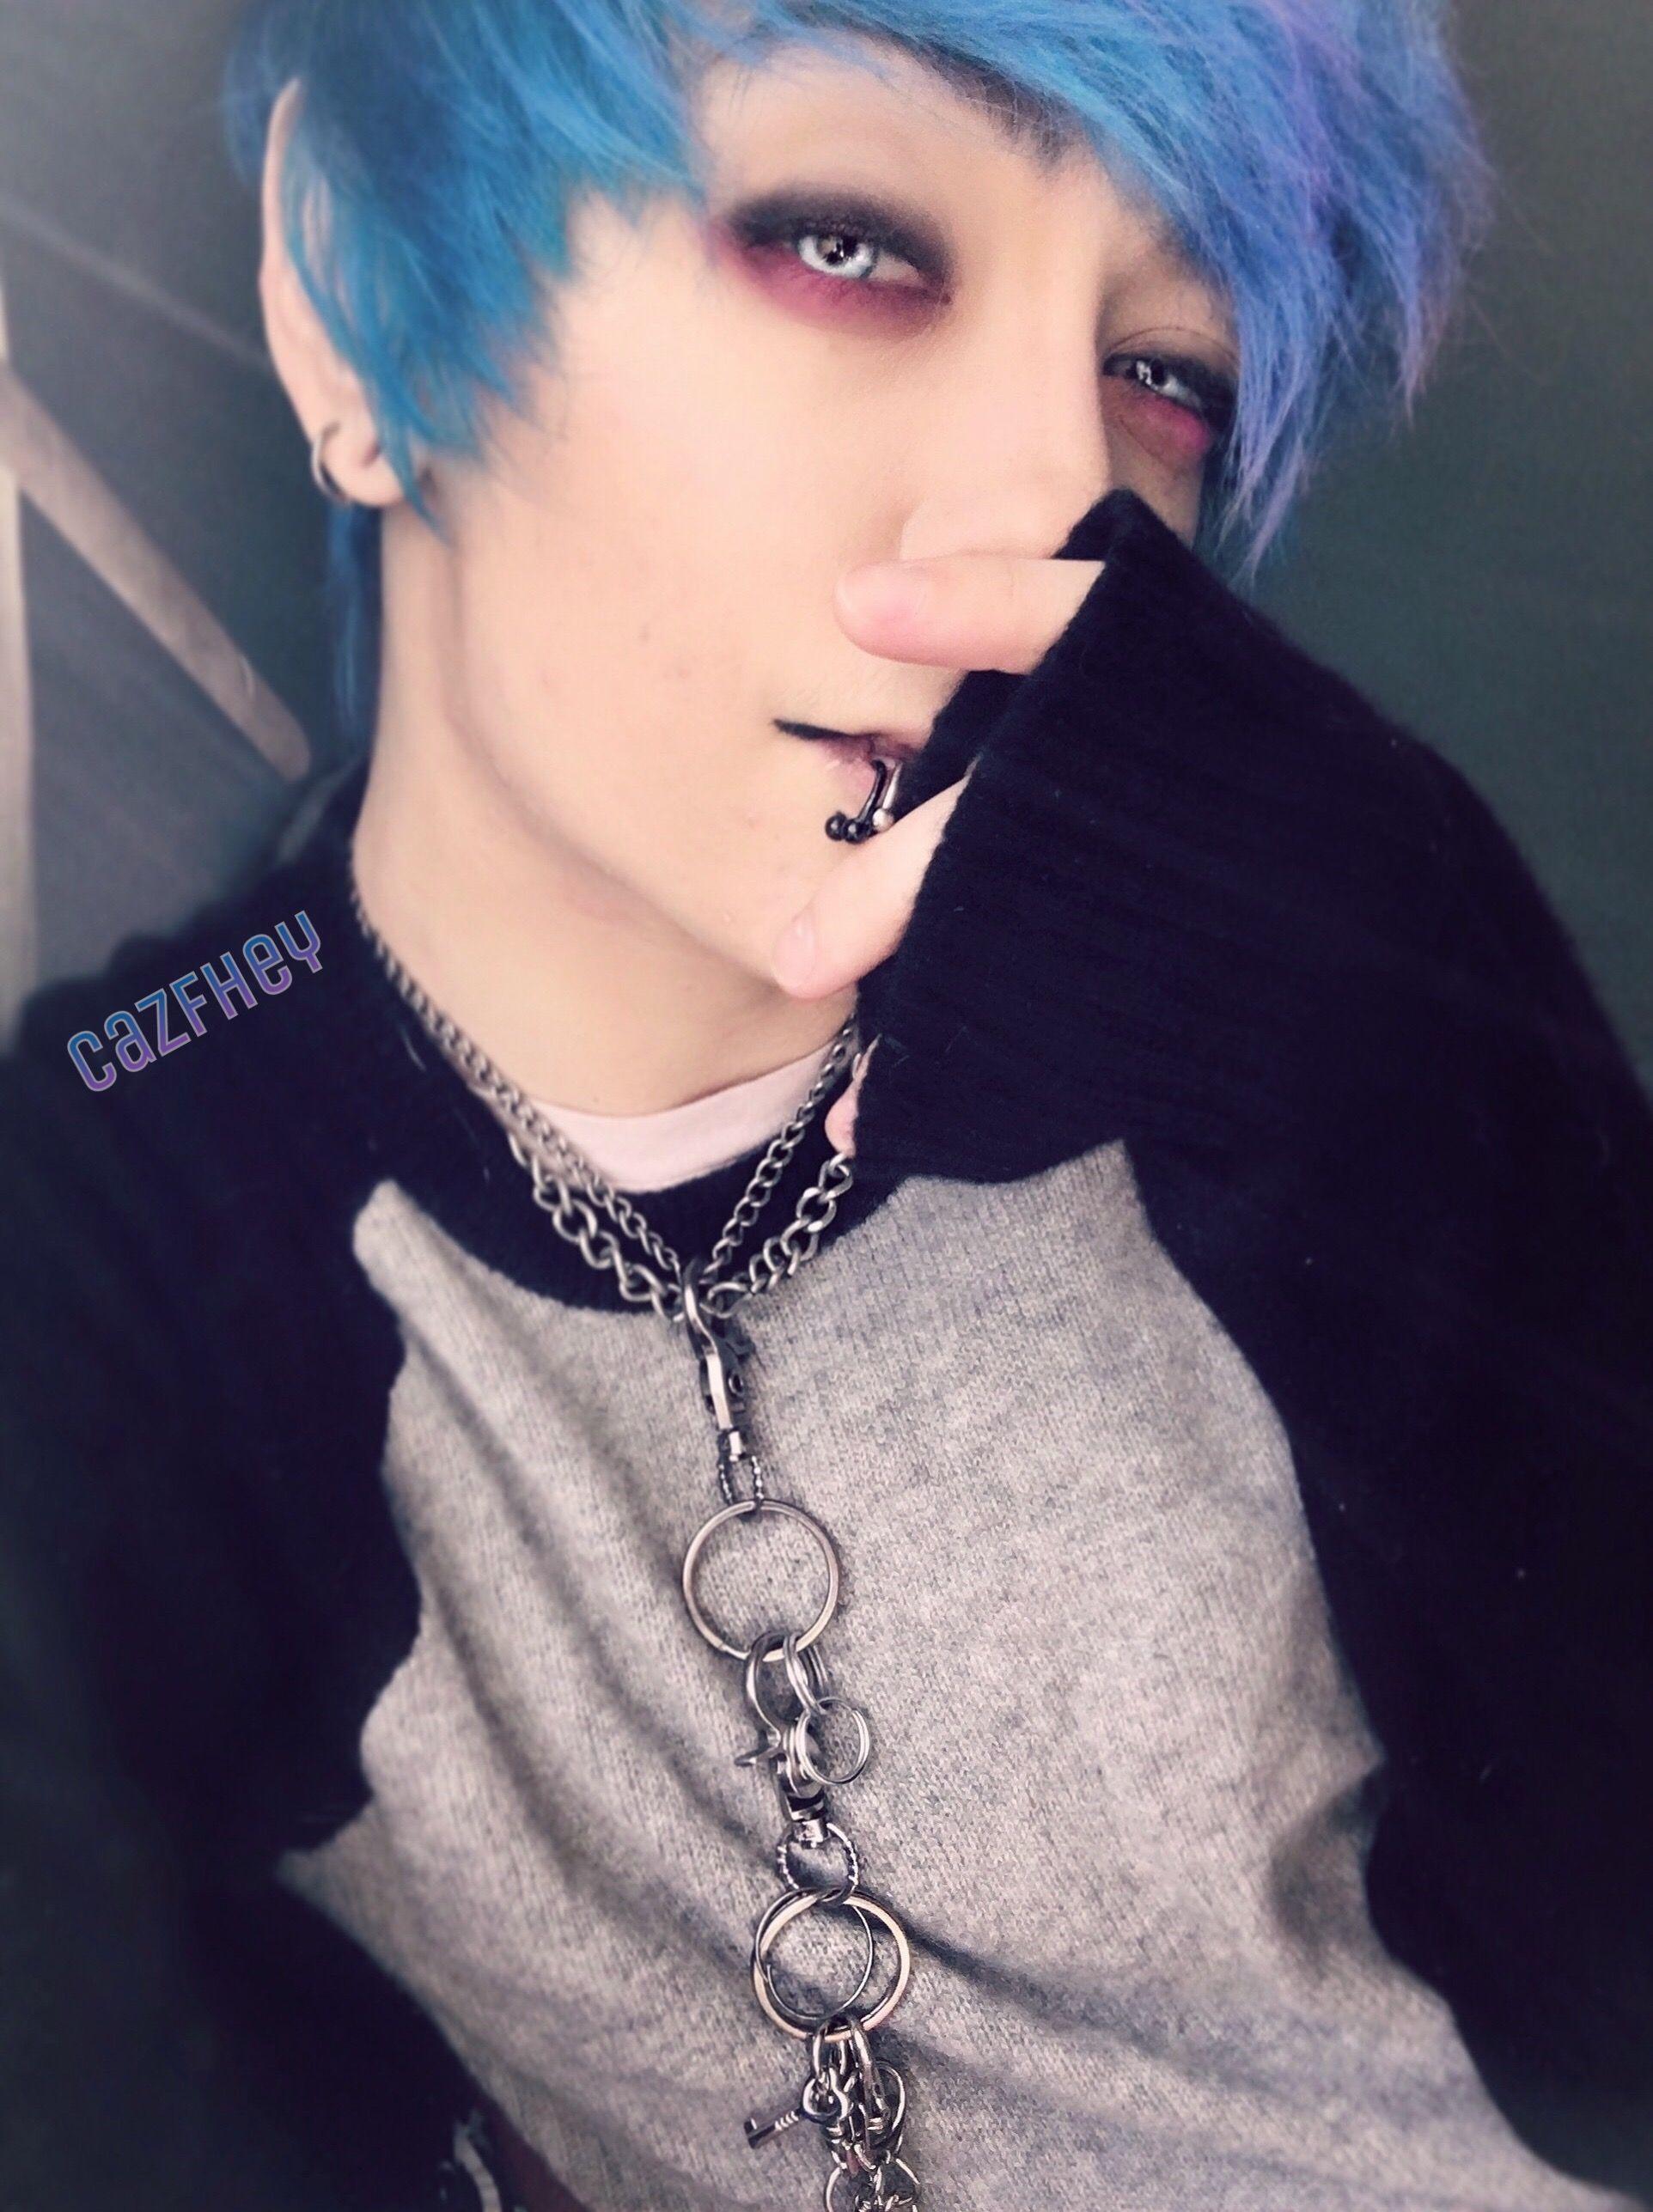 Blue hair again finally blue boy blueberry bluehair hair emo